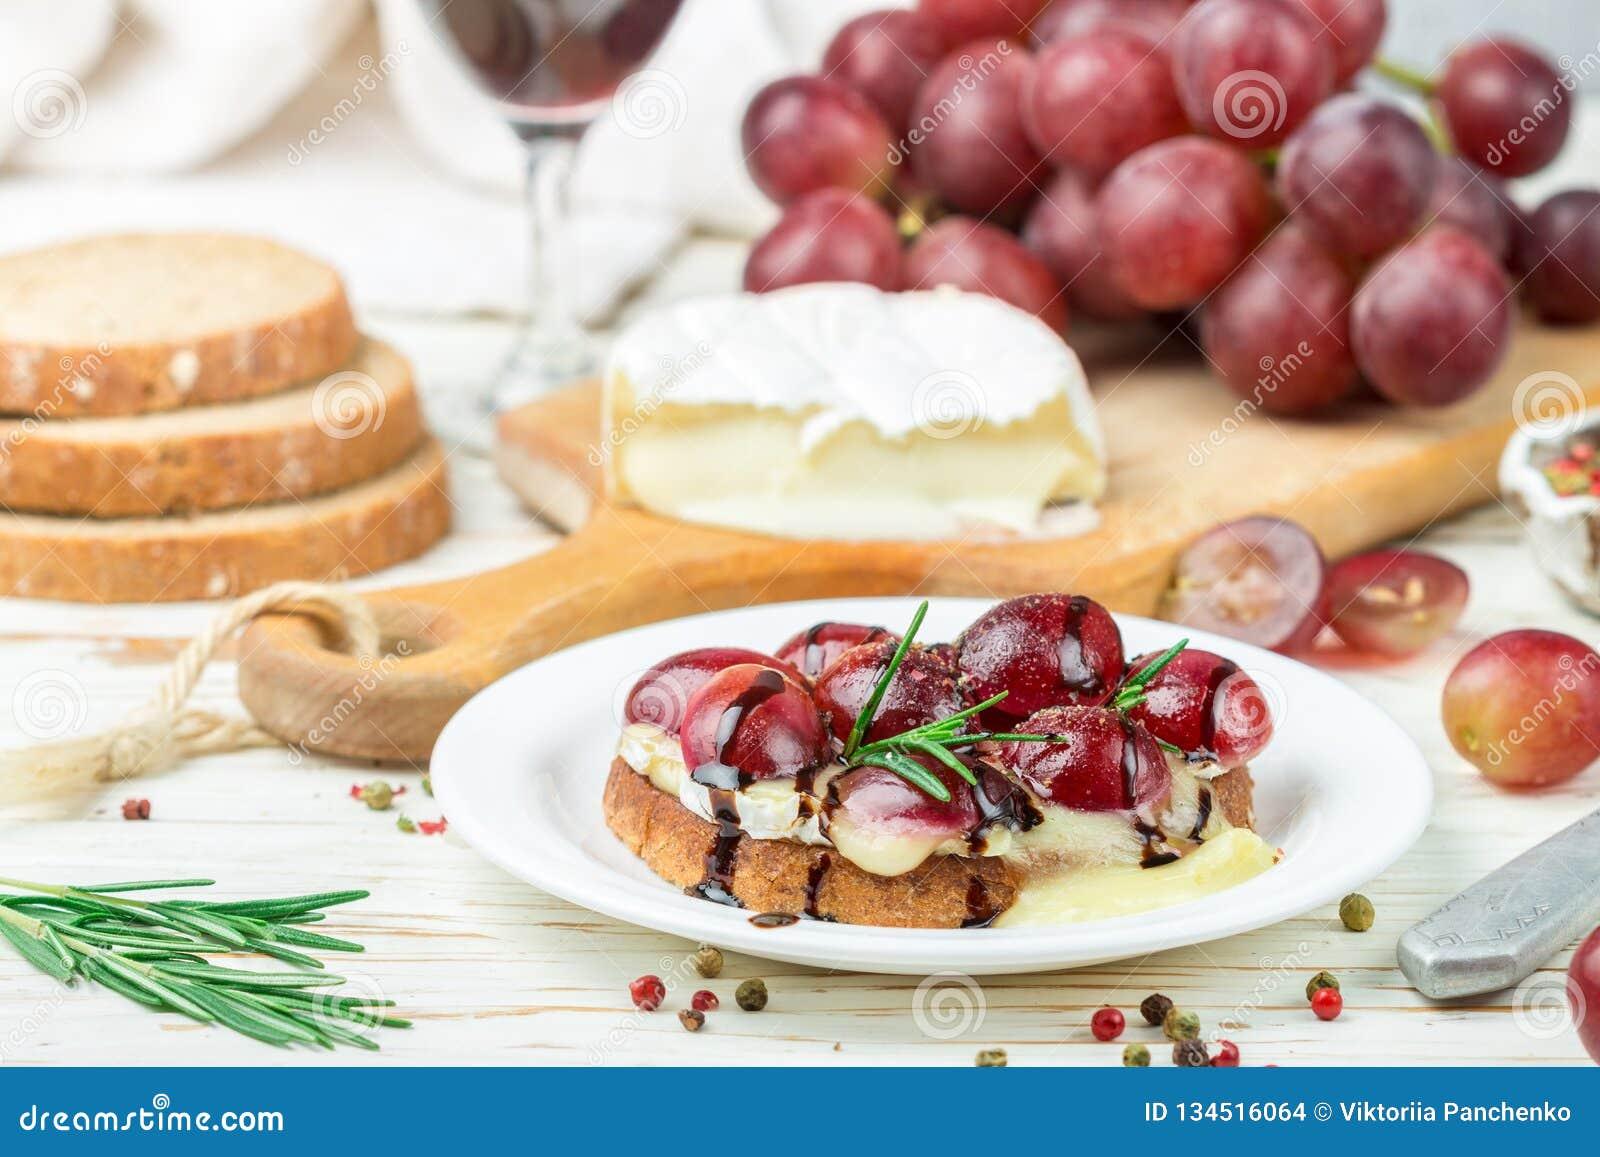 Bruschetta del queso del camembert o del brie con las uvas rojas, el romero y balsámico